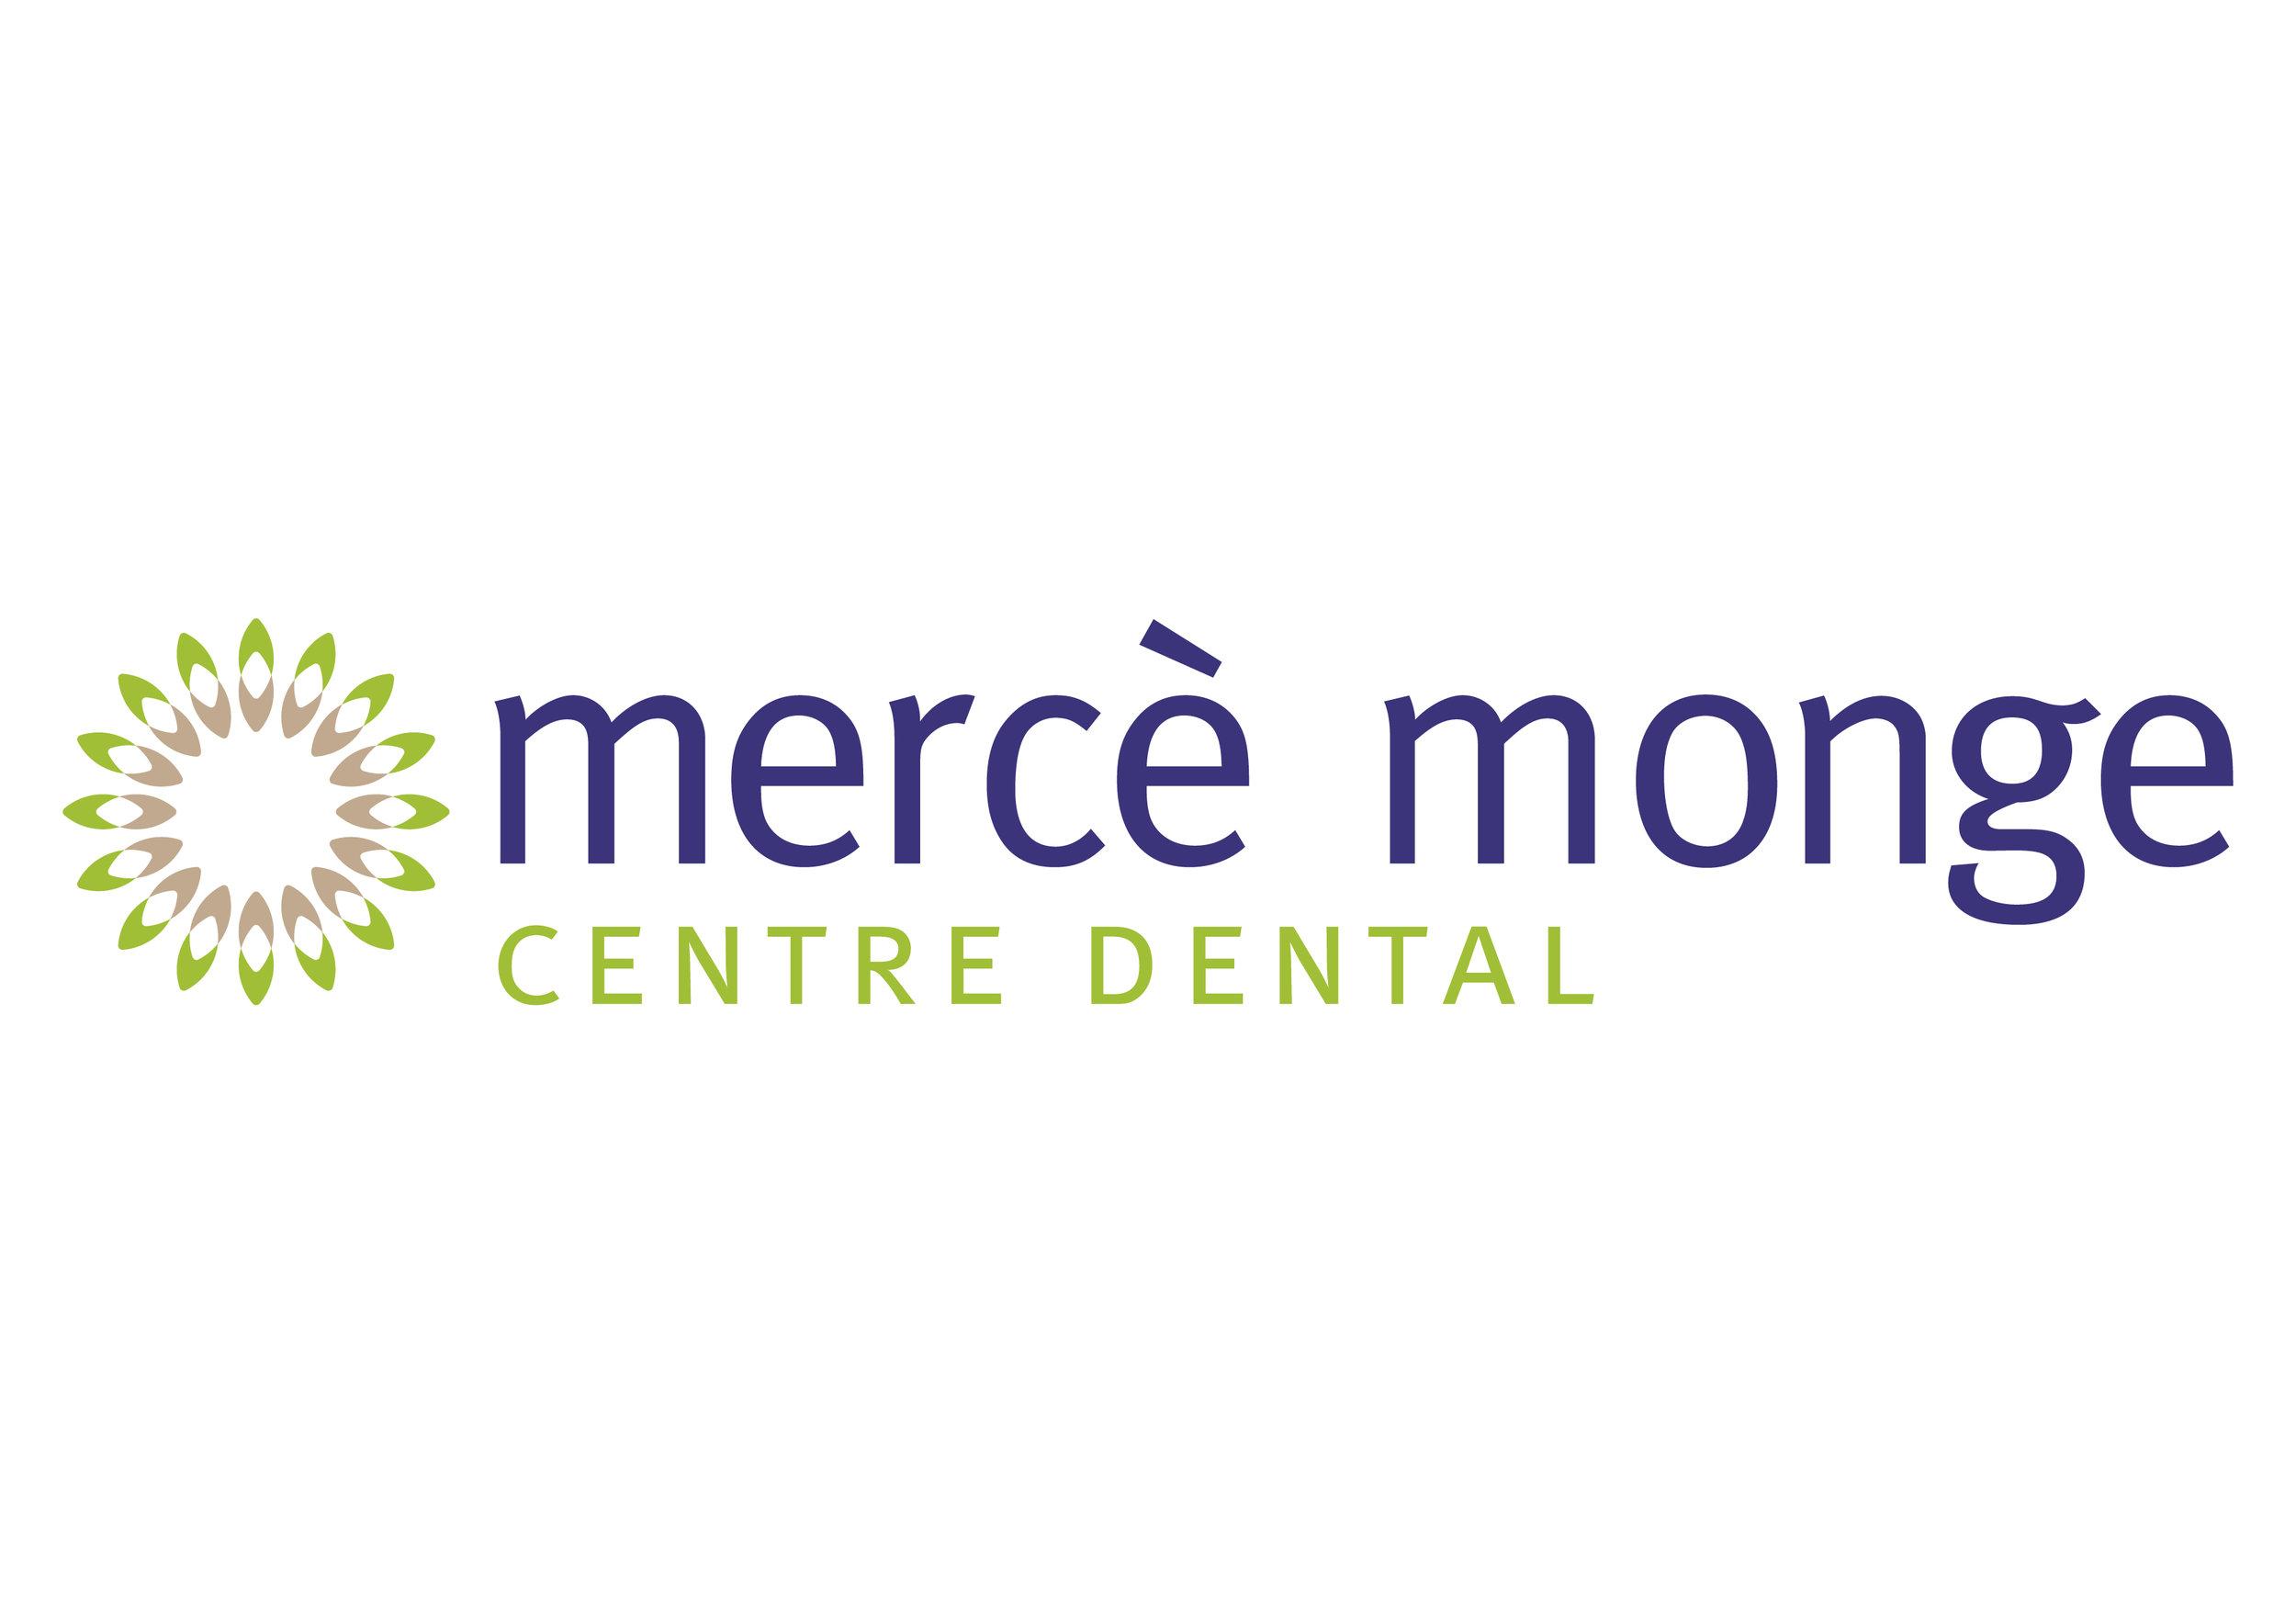 Logos_Mercè Monge_Centre dental-01.jpg